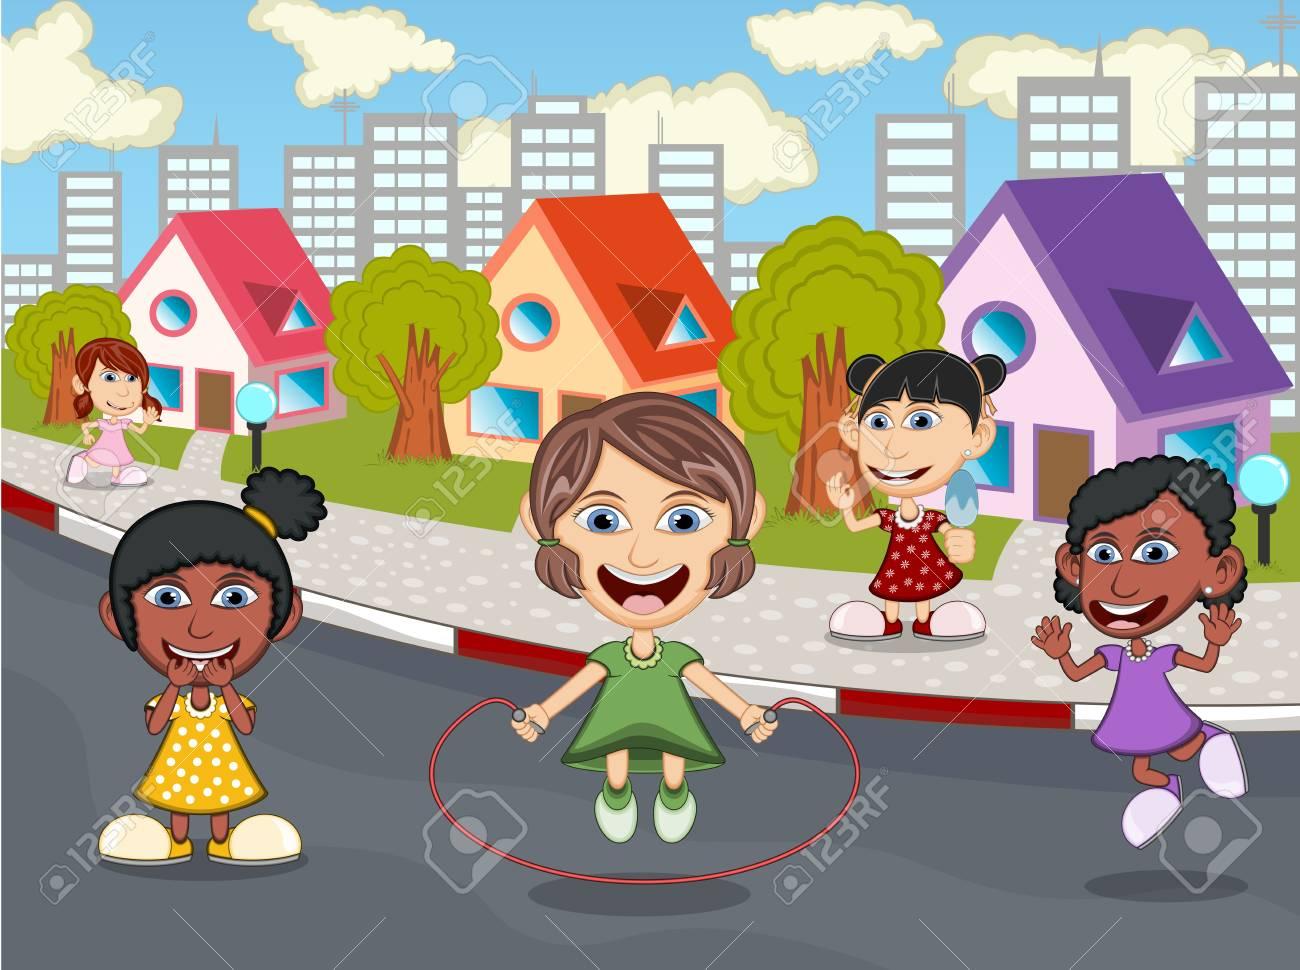 Ninos Jugando En La Calle De Dibujos Animados Fotos Retratos